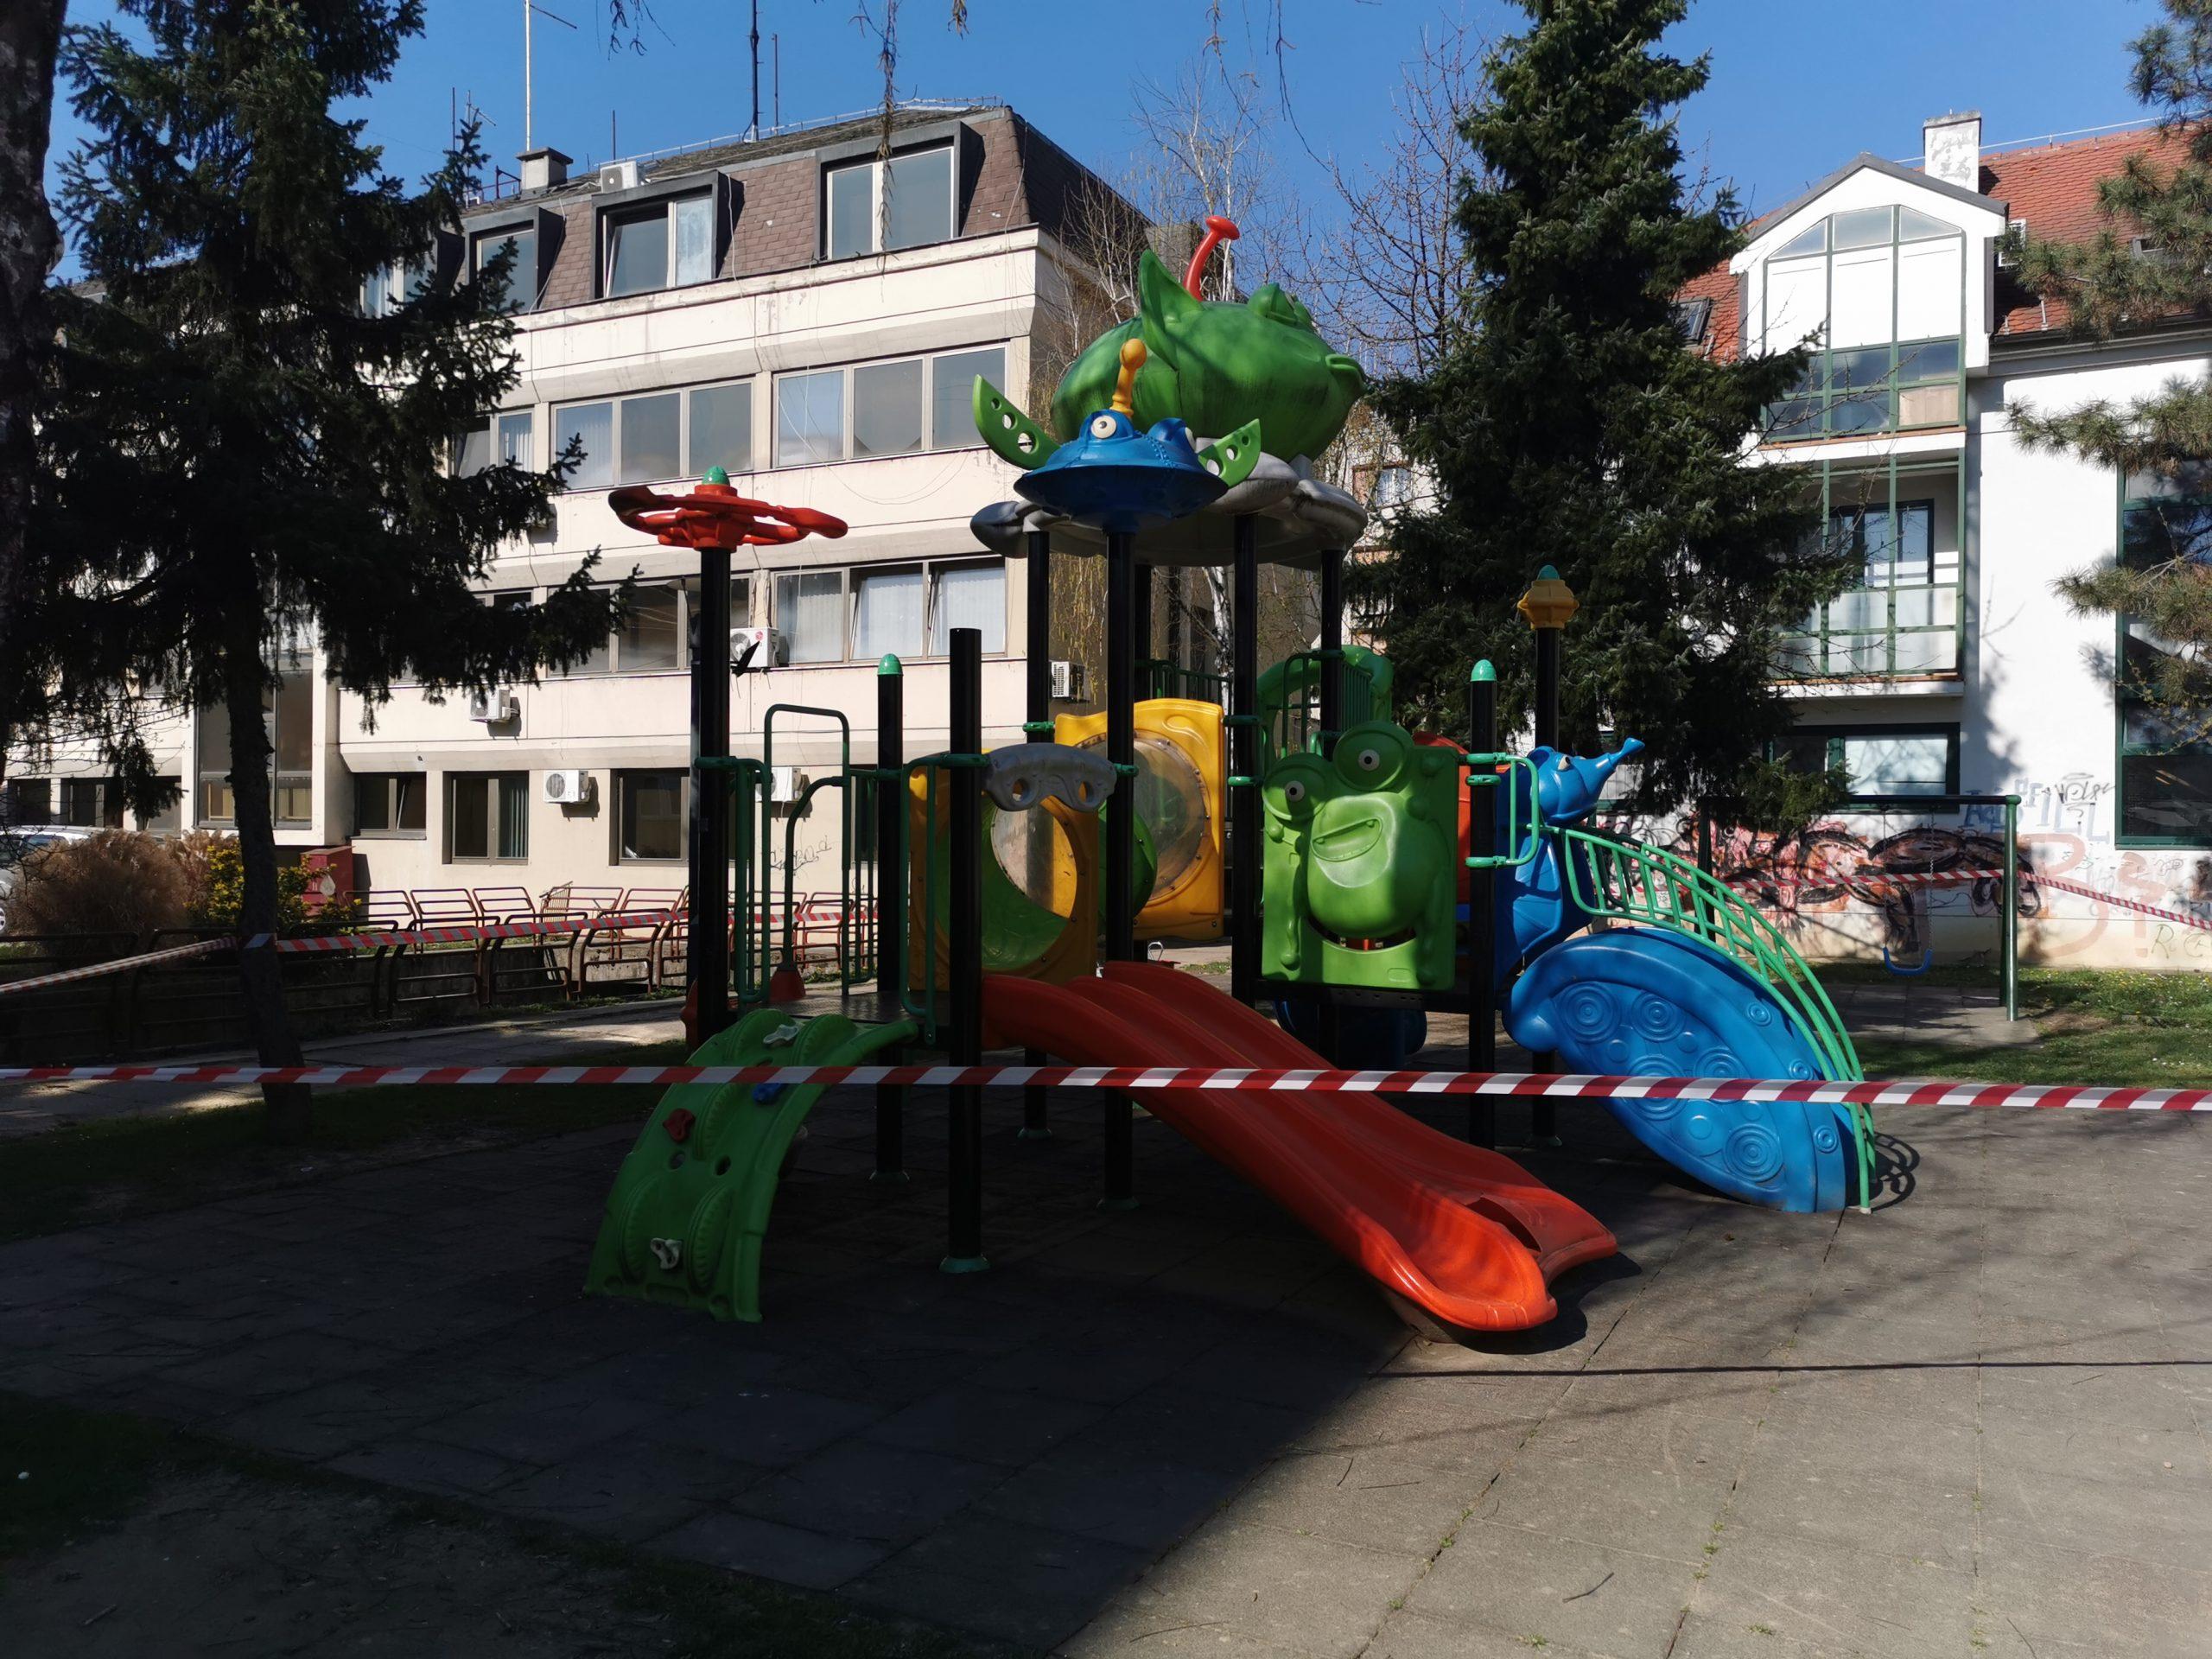 NOVA MJERA Zatvorena dječja igrališta, roditelje se moli da poštuju pravila